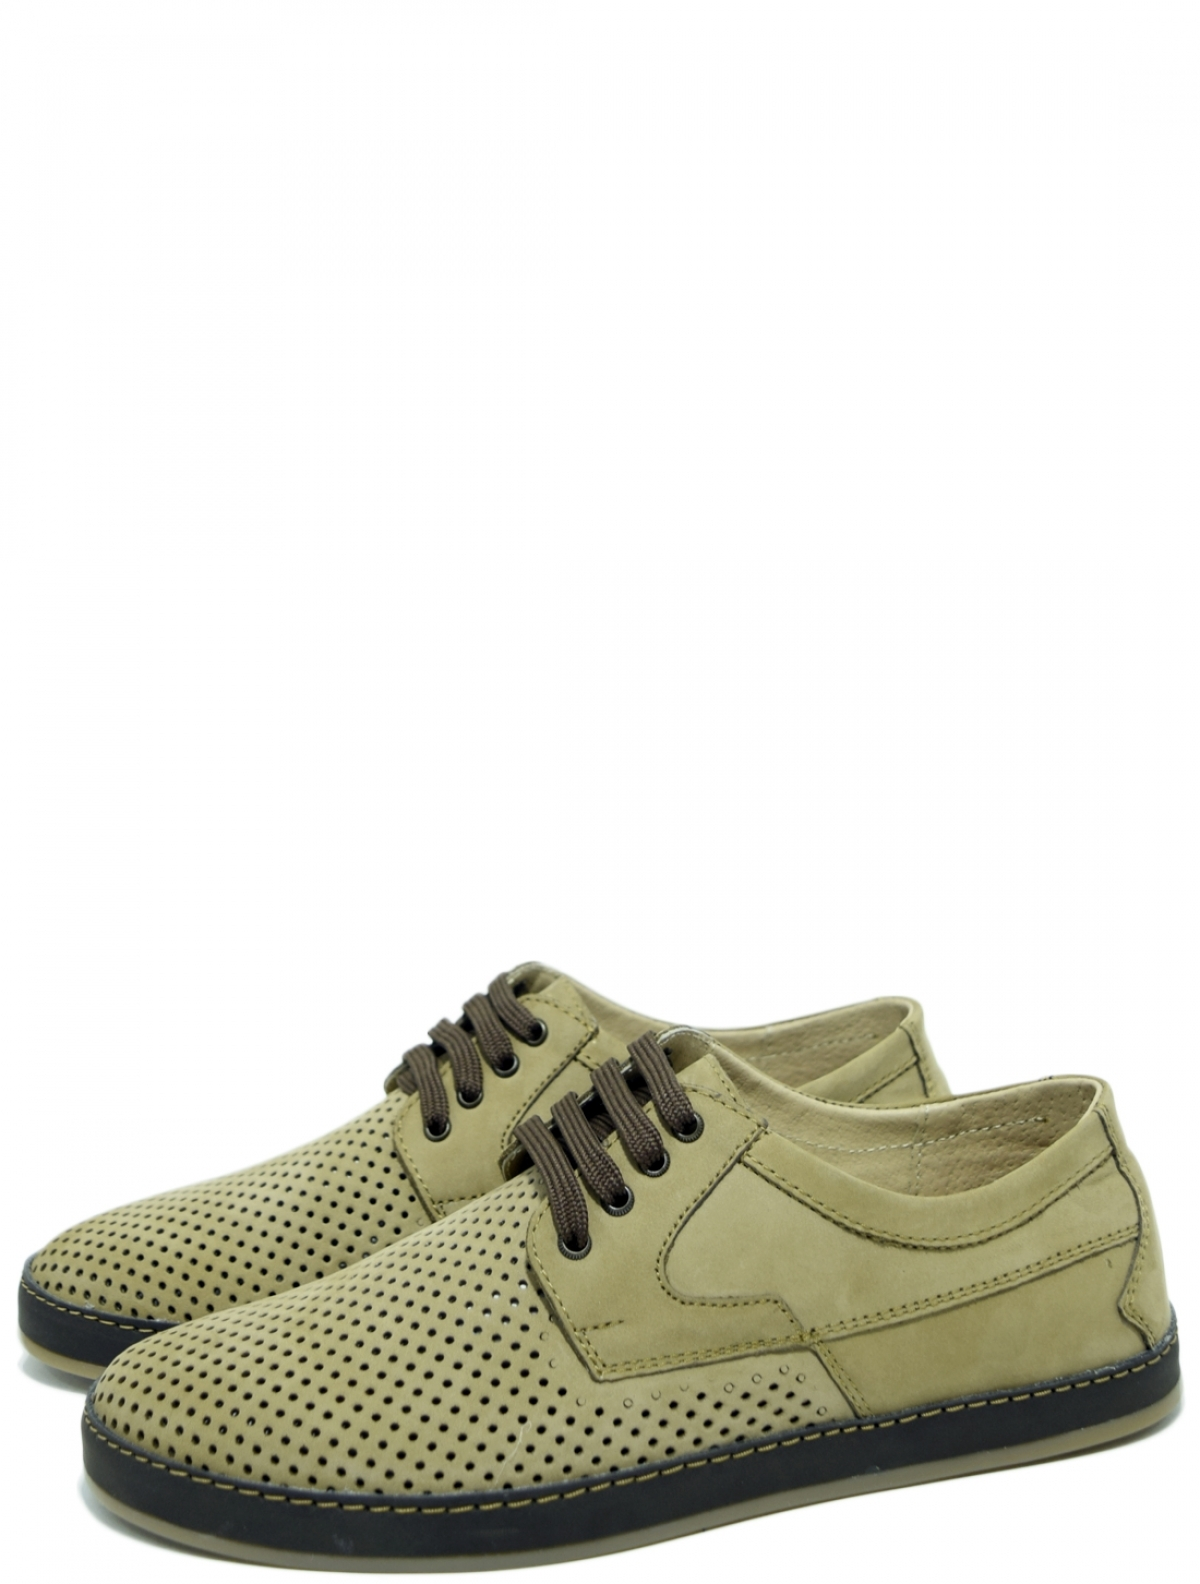 EDERRO 9147854 мужские туфли